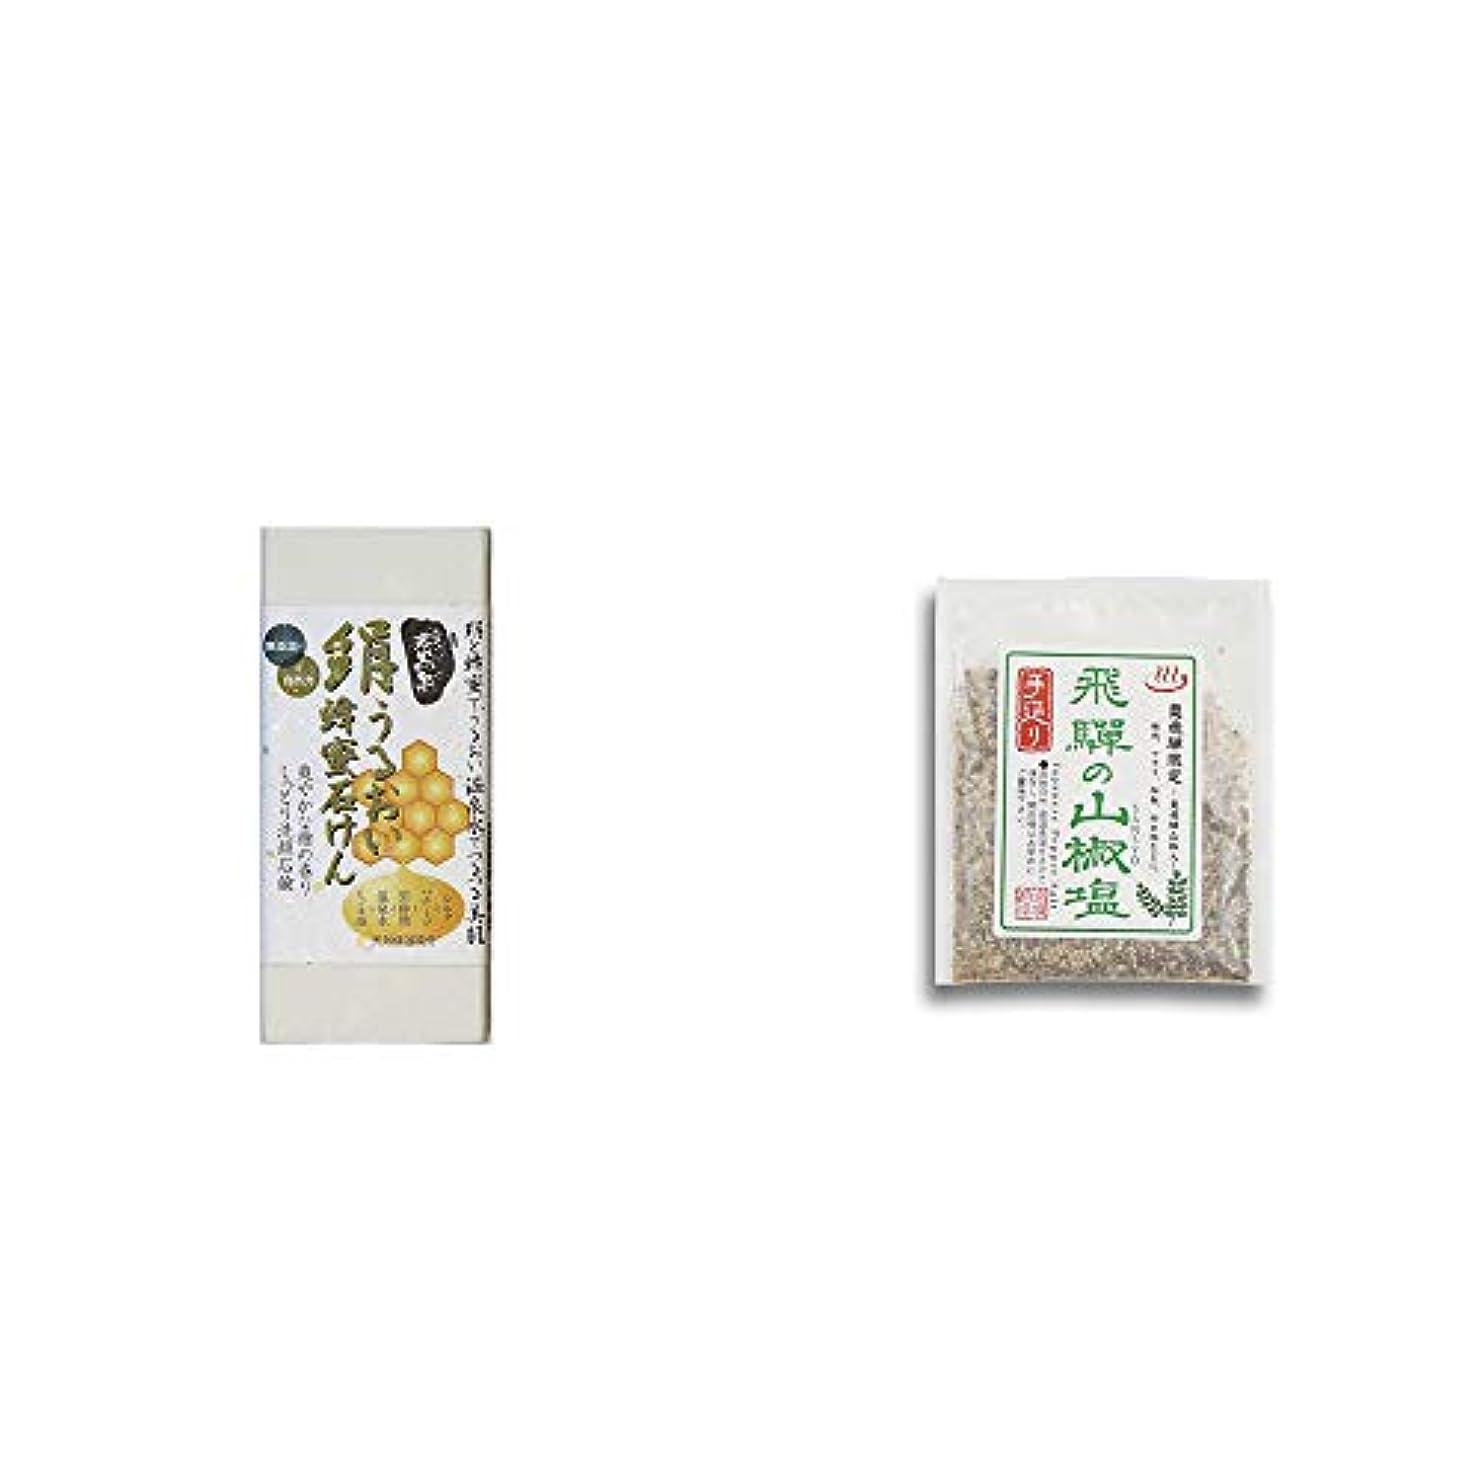 ボトルどこでも悪用[2点セット] ひのき炭黒泉 絹うるおい蜂蜜石けん(75g×2)?手造り 飛騨の山椒塩(40g)